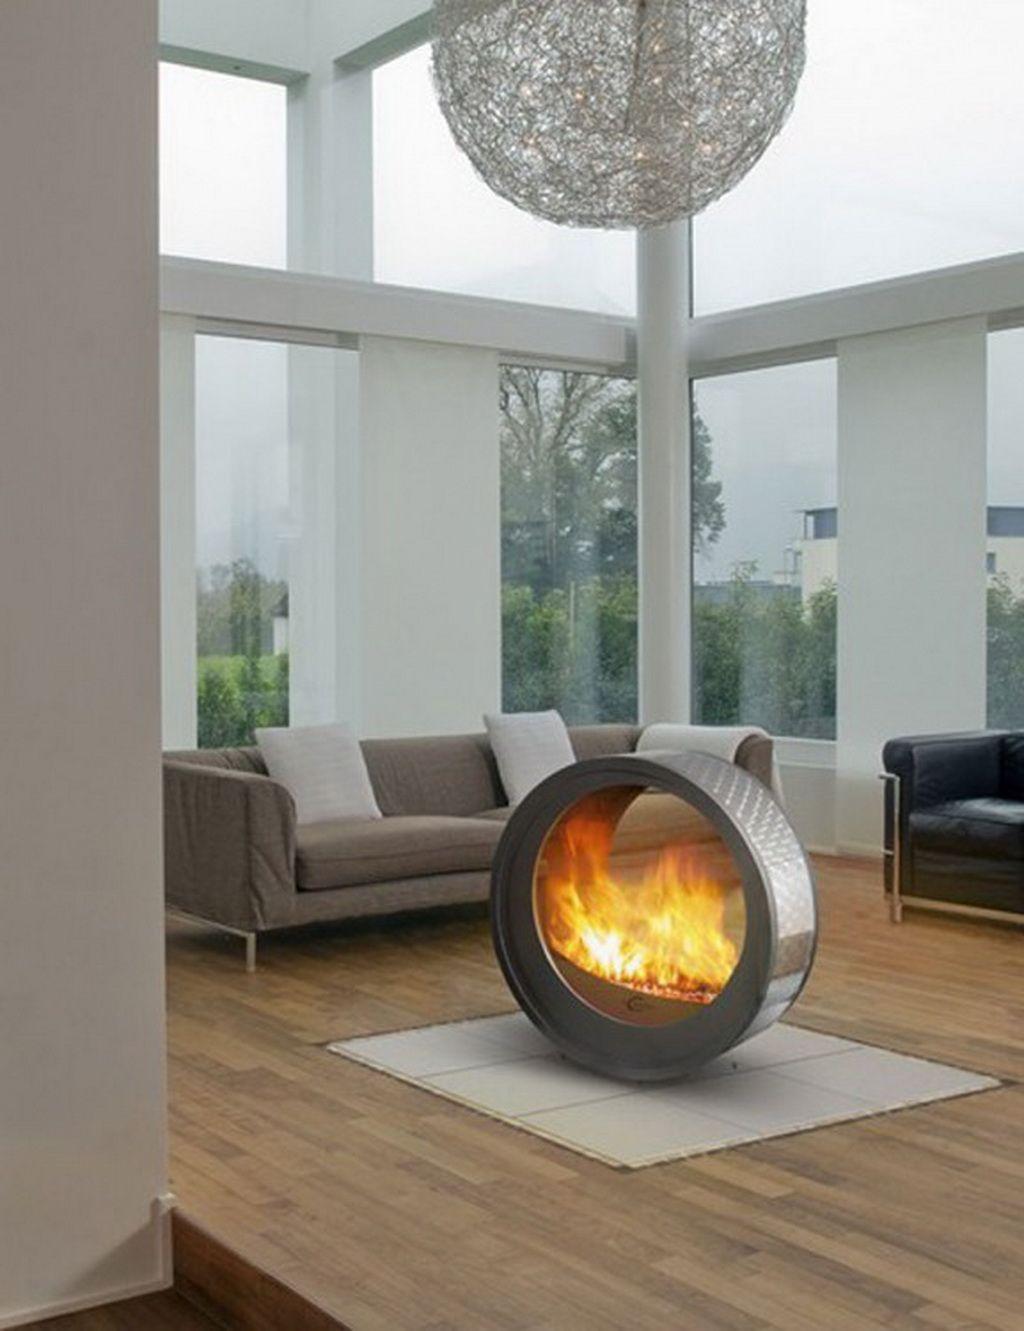 Repurpose Ideas for Washing Machine Drum | Modern architecture ...